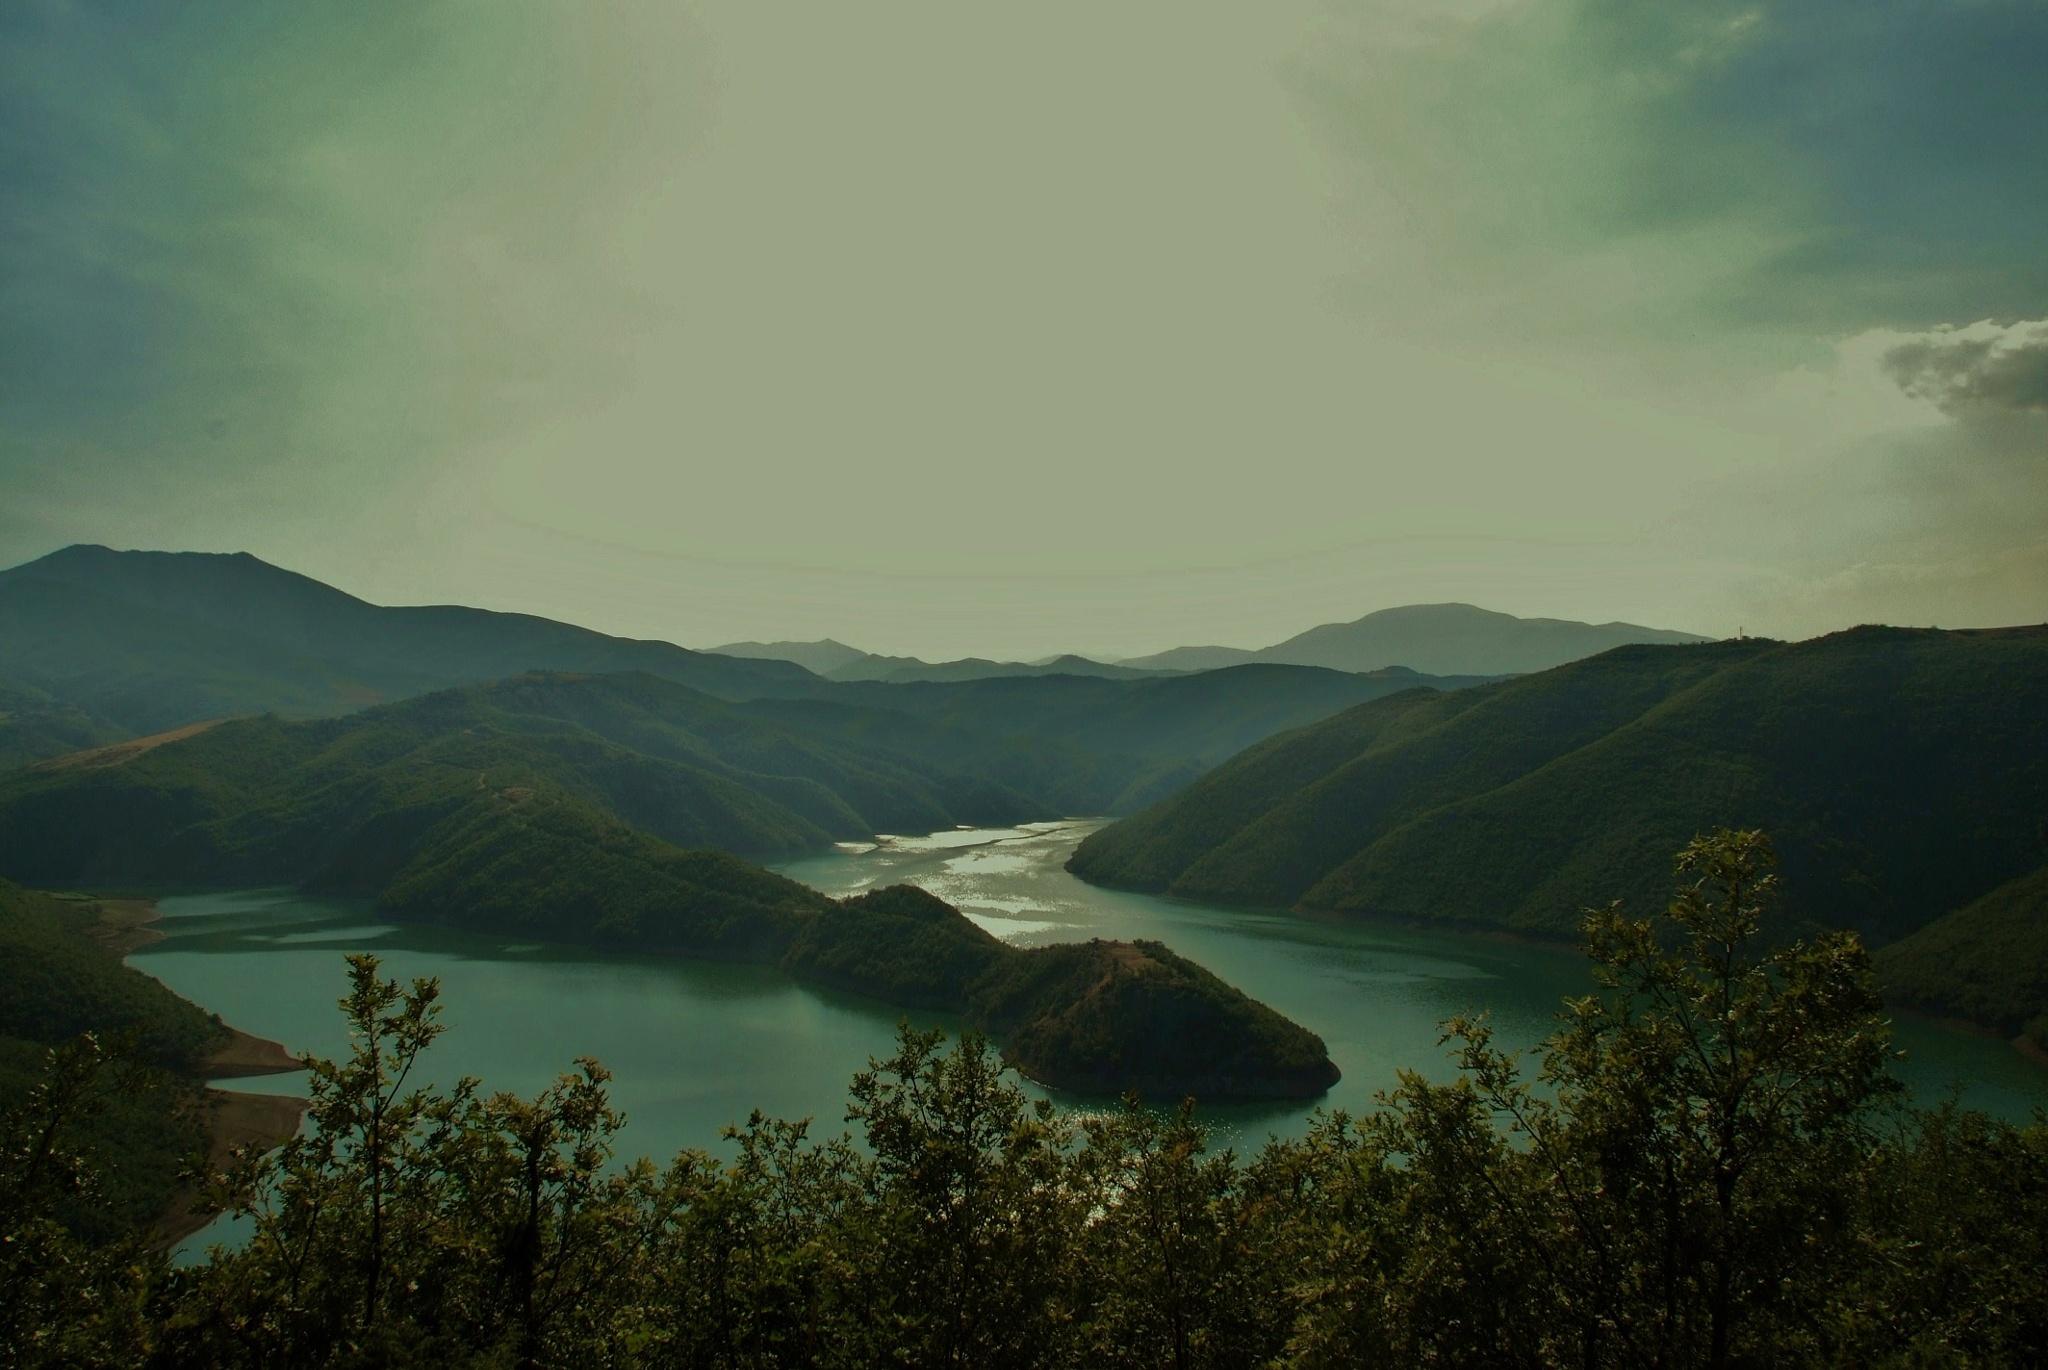 LAKE by petrit.grezda